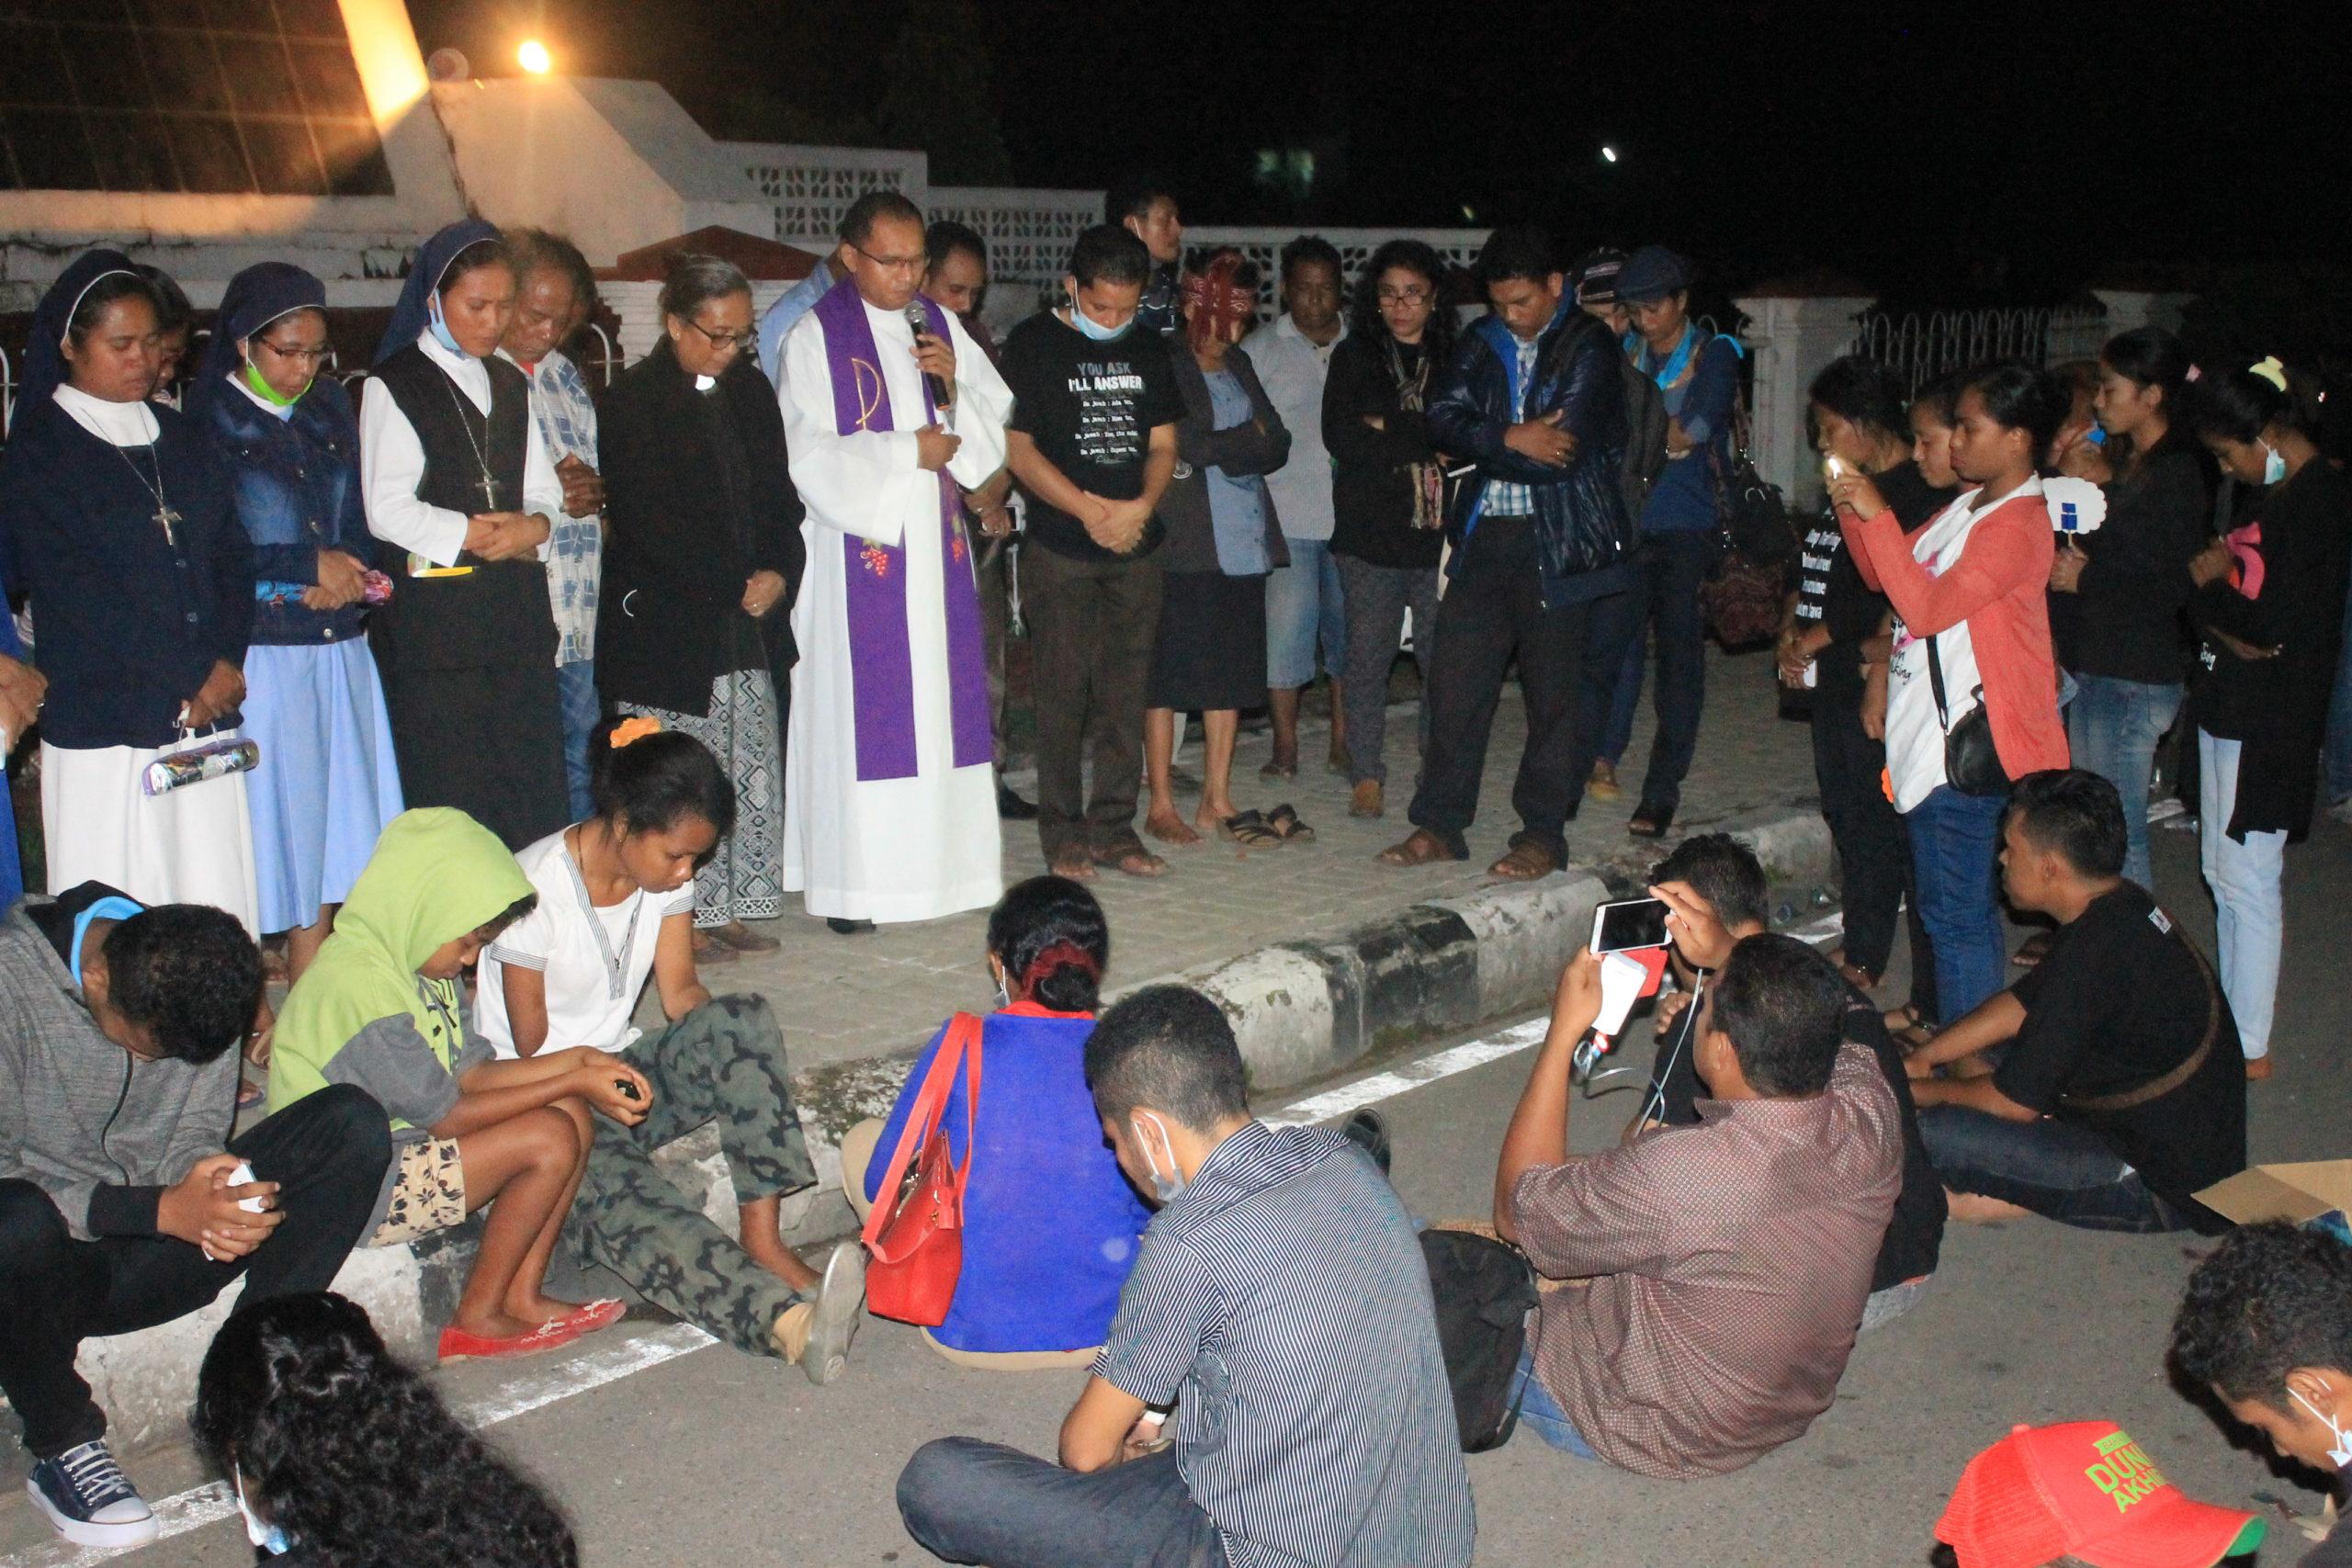 Indonesia_karen_campbell_nelson_solidarity_prayer.jpeg